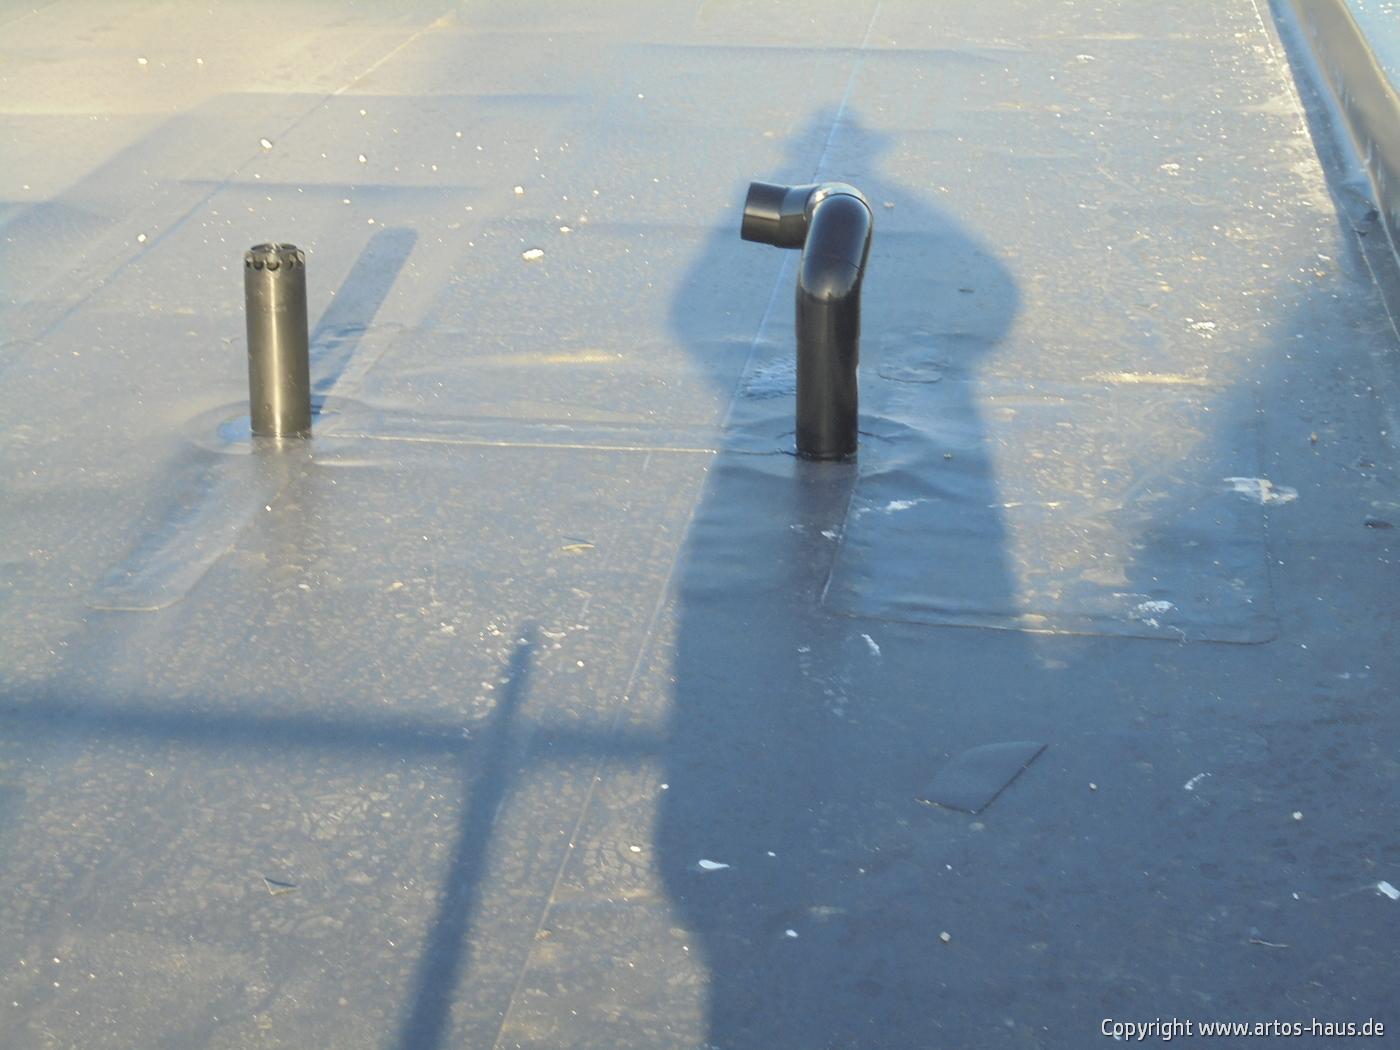 Flachdacharbeiten, ARTOS-HAUS Bild 5